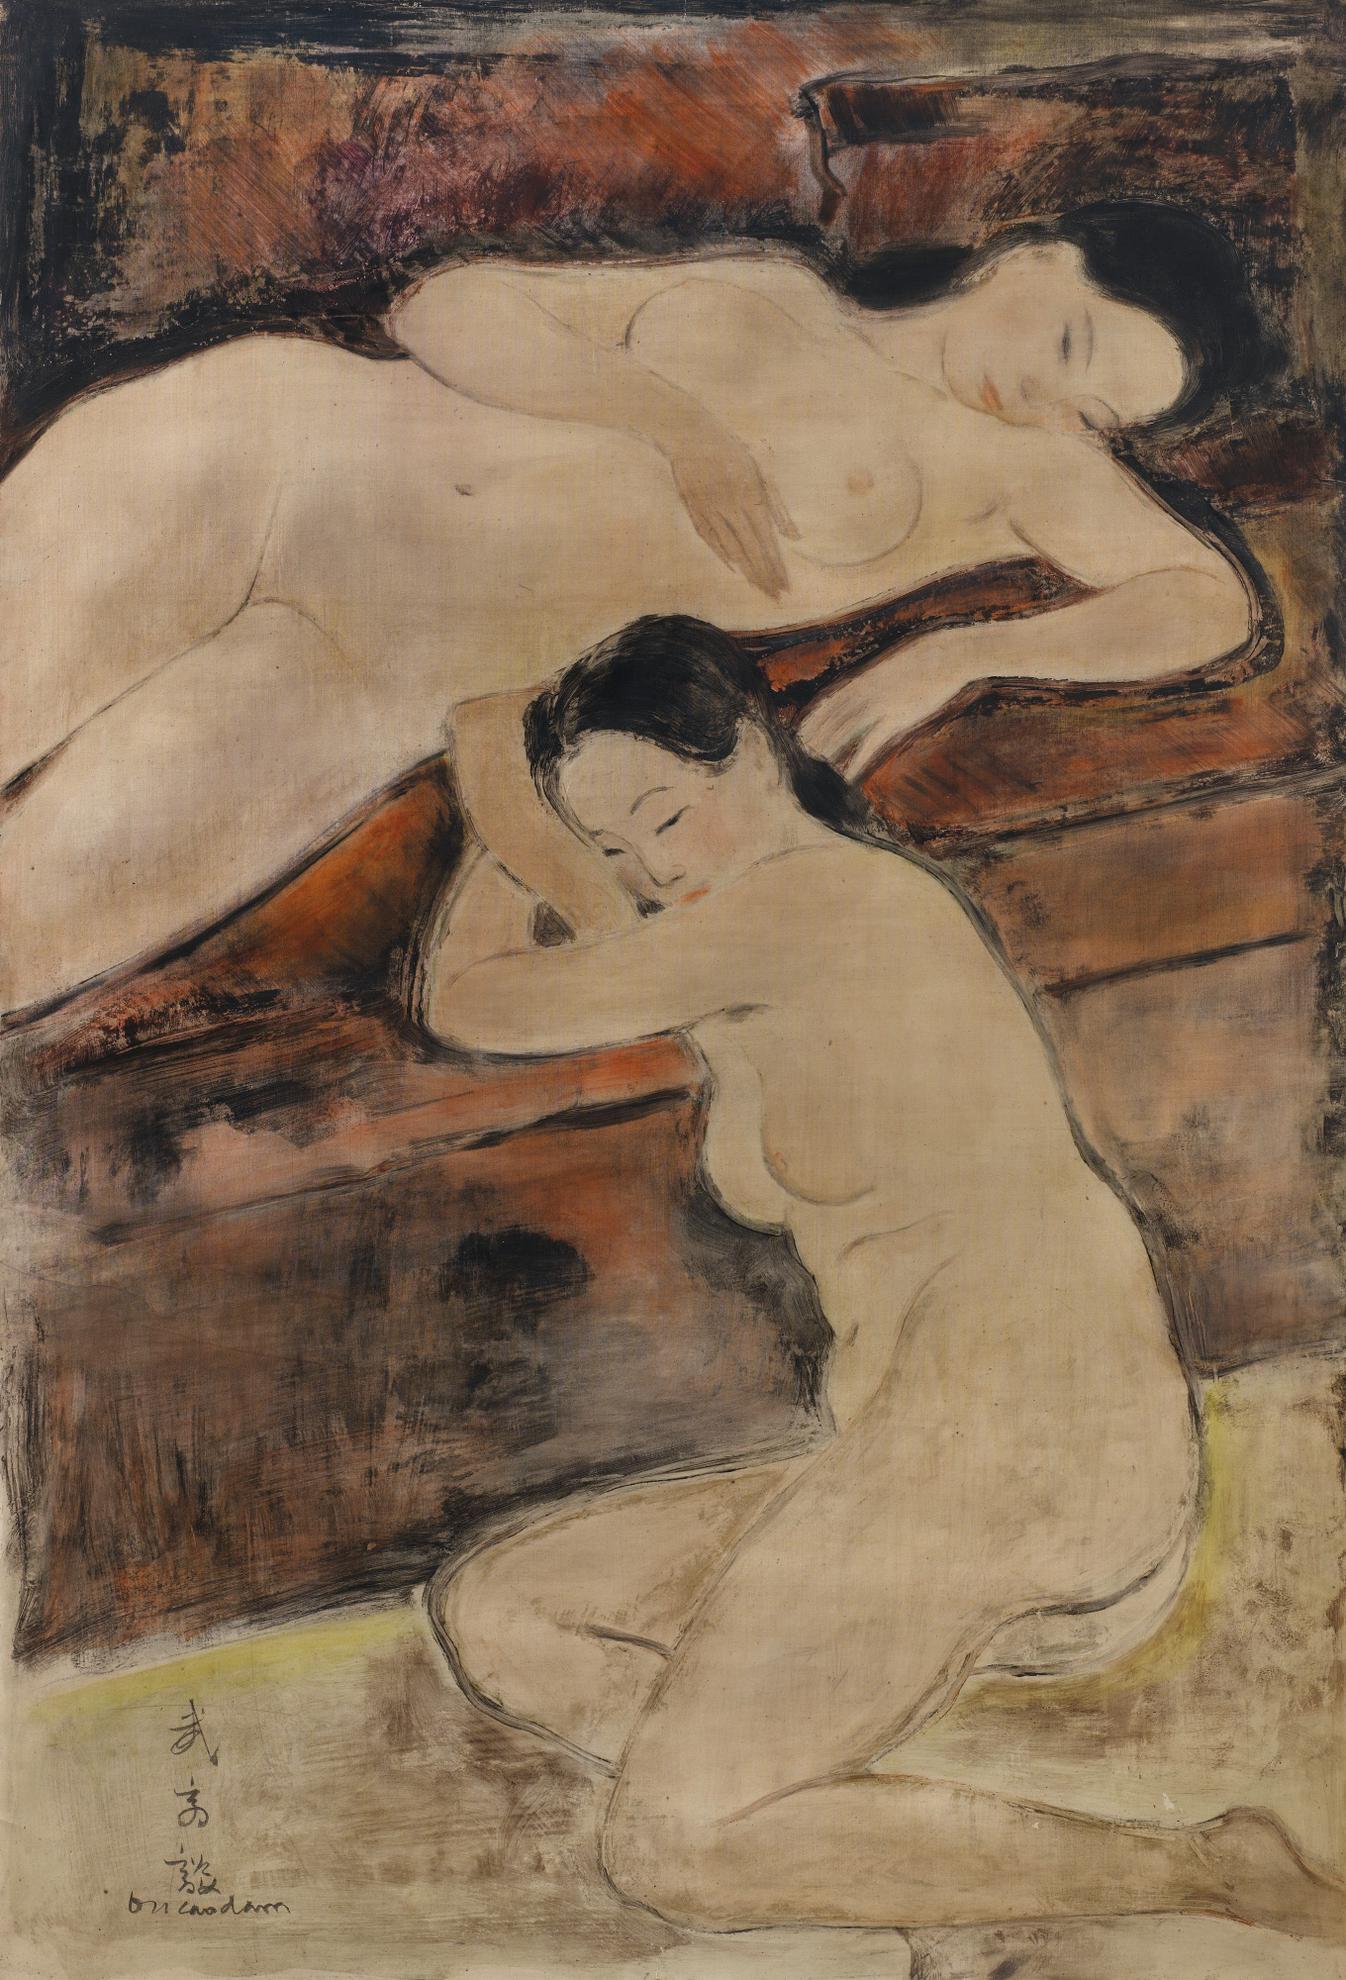 Vu Cao Dam-Le Repos Apres Le Bain (Rest After The Bath)-1939